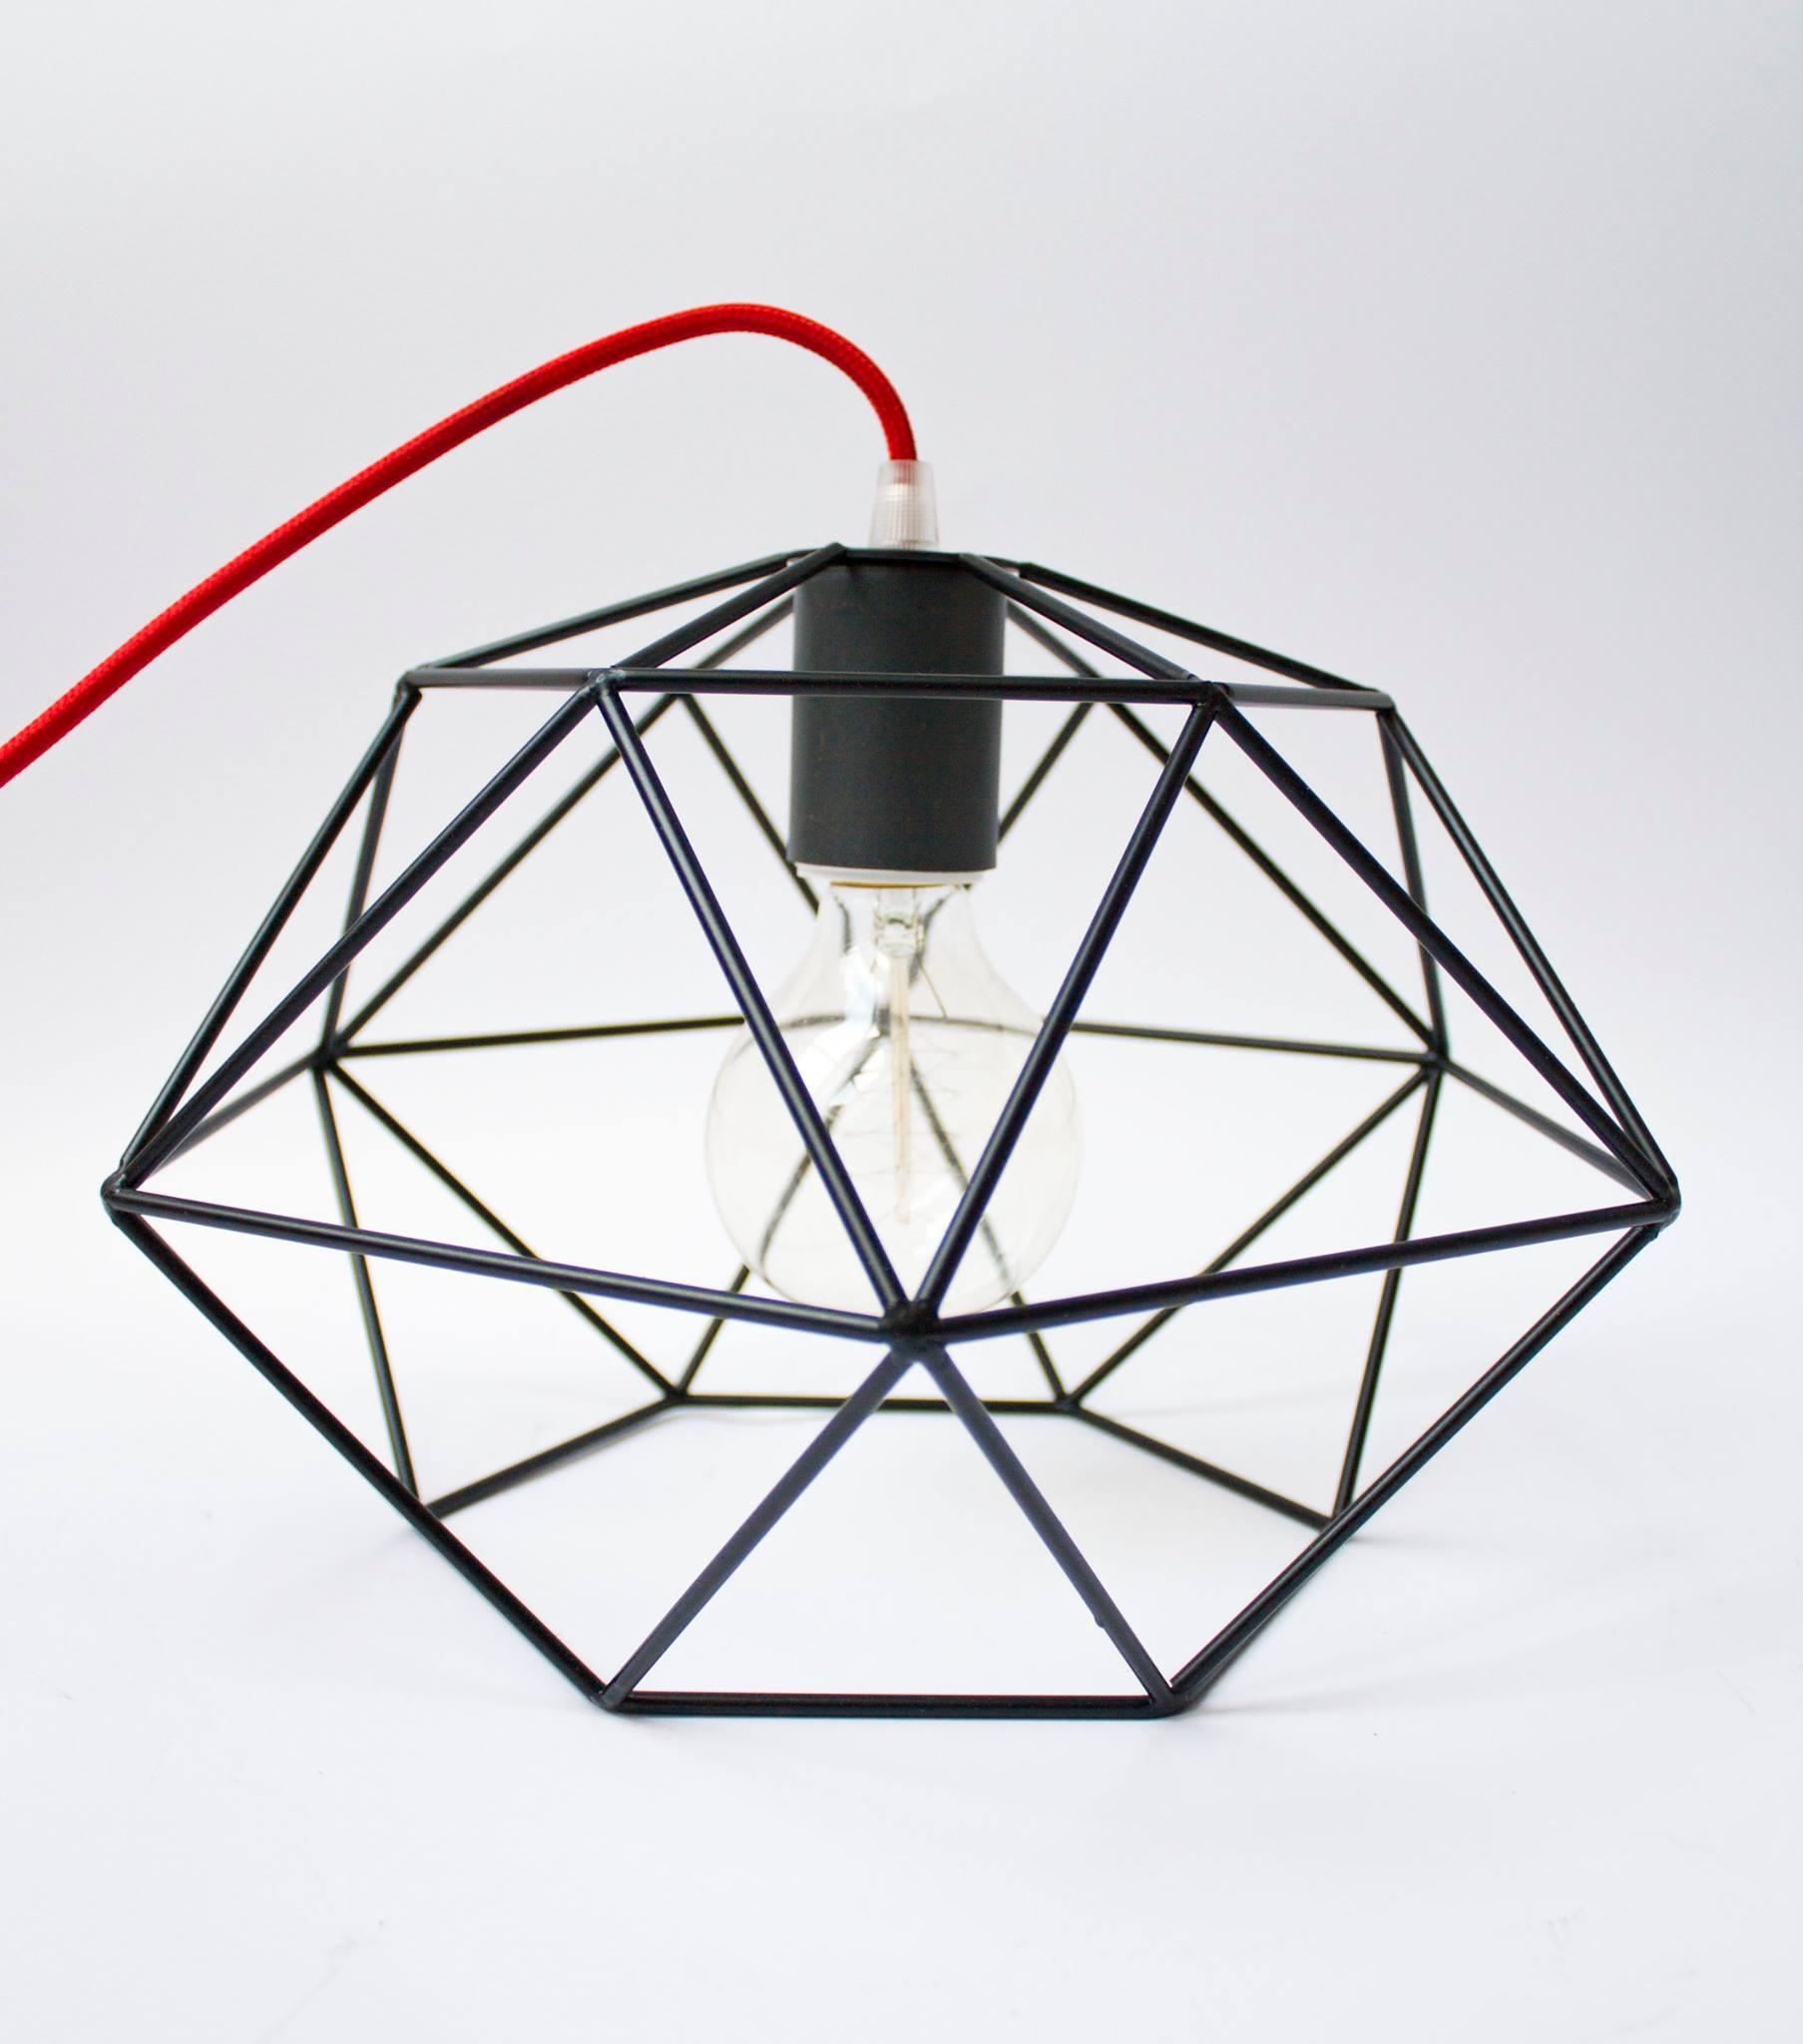 hexal design1